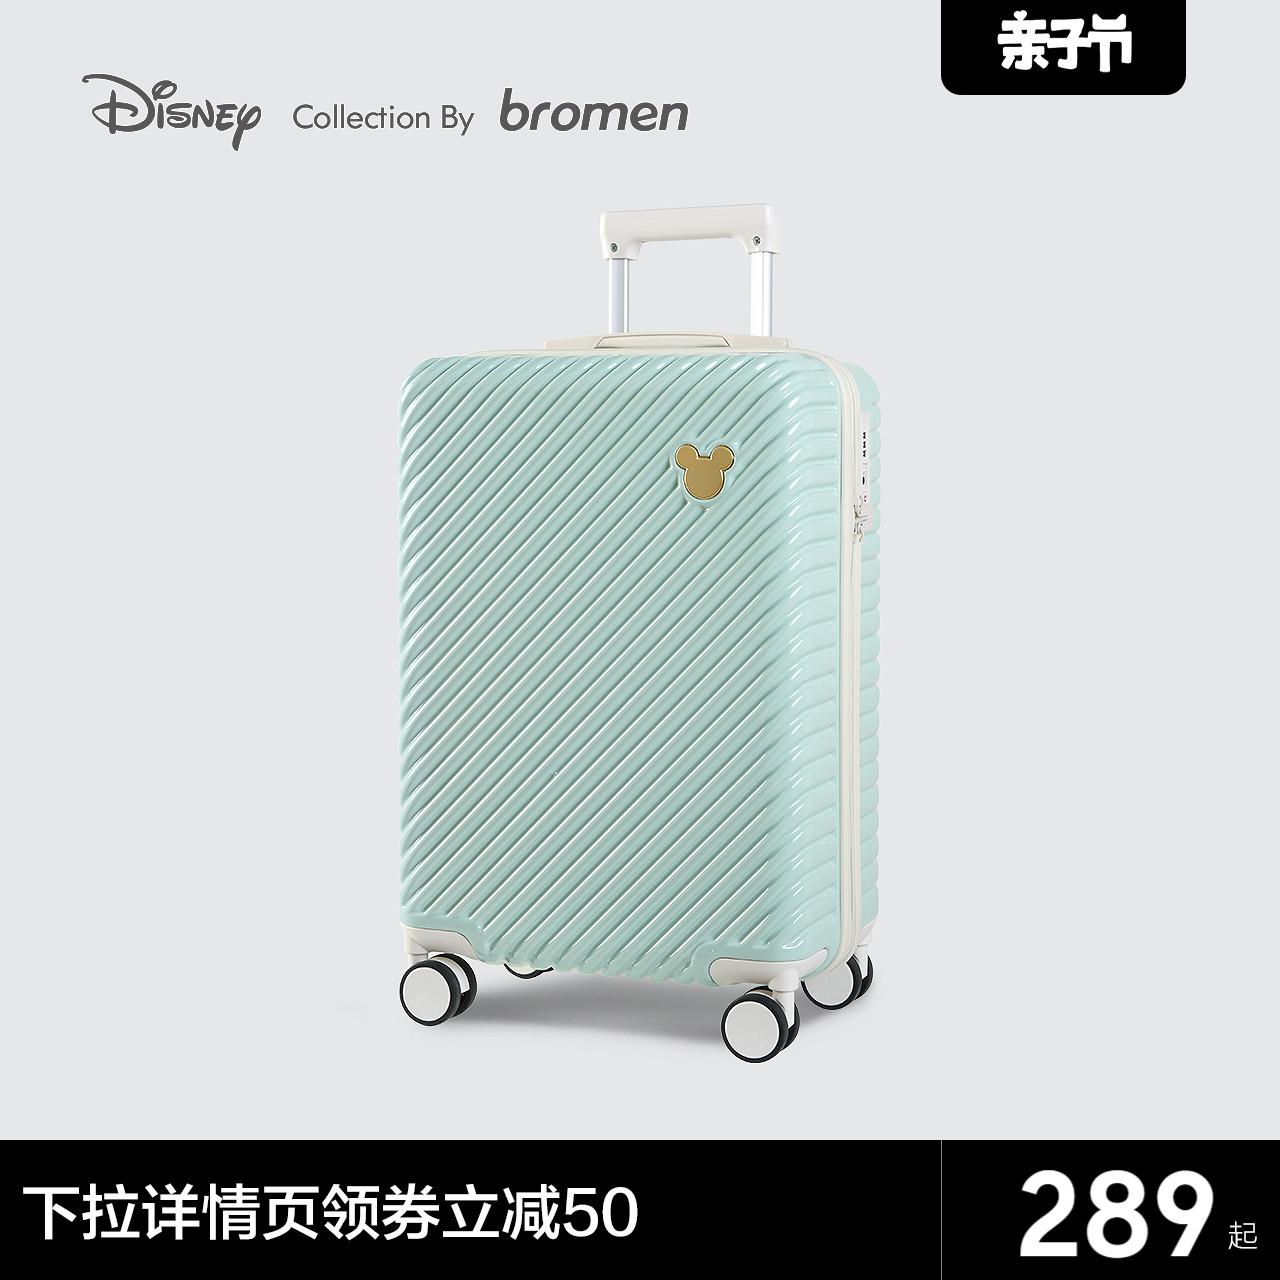 不莱玫迪士尼联名行李箱女20寸旅行小型轻便登机箱万向轮24拉杆箱